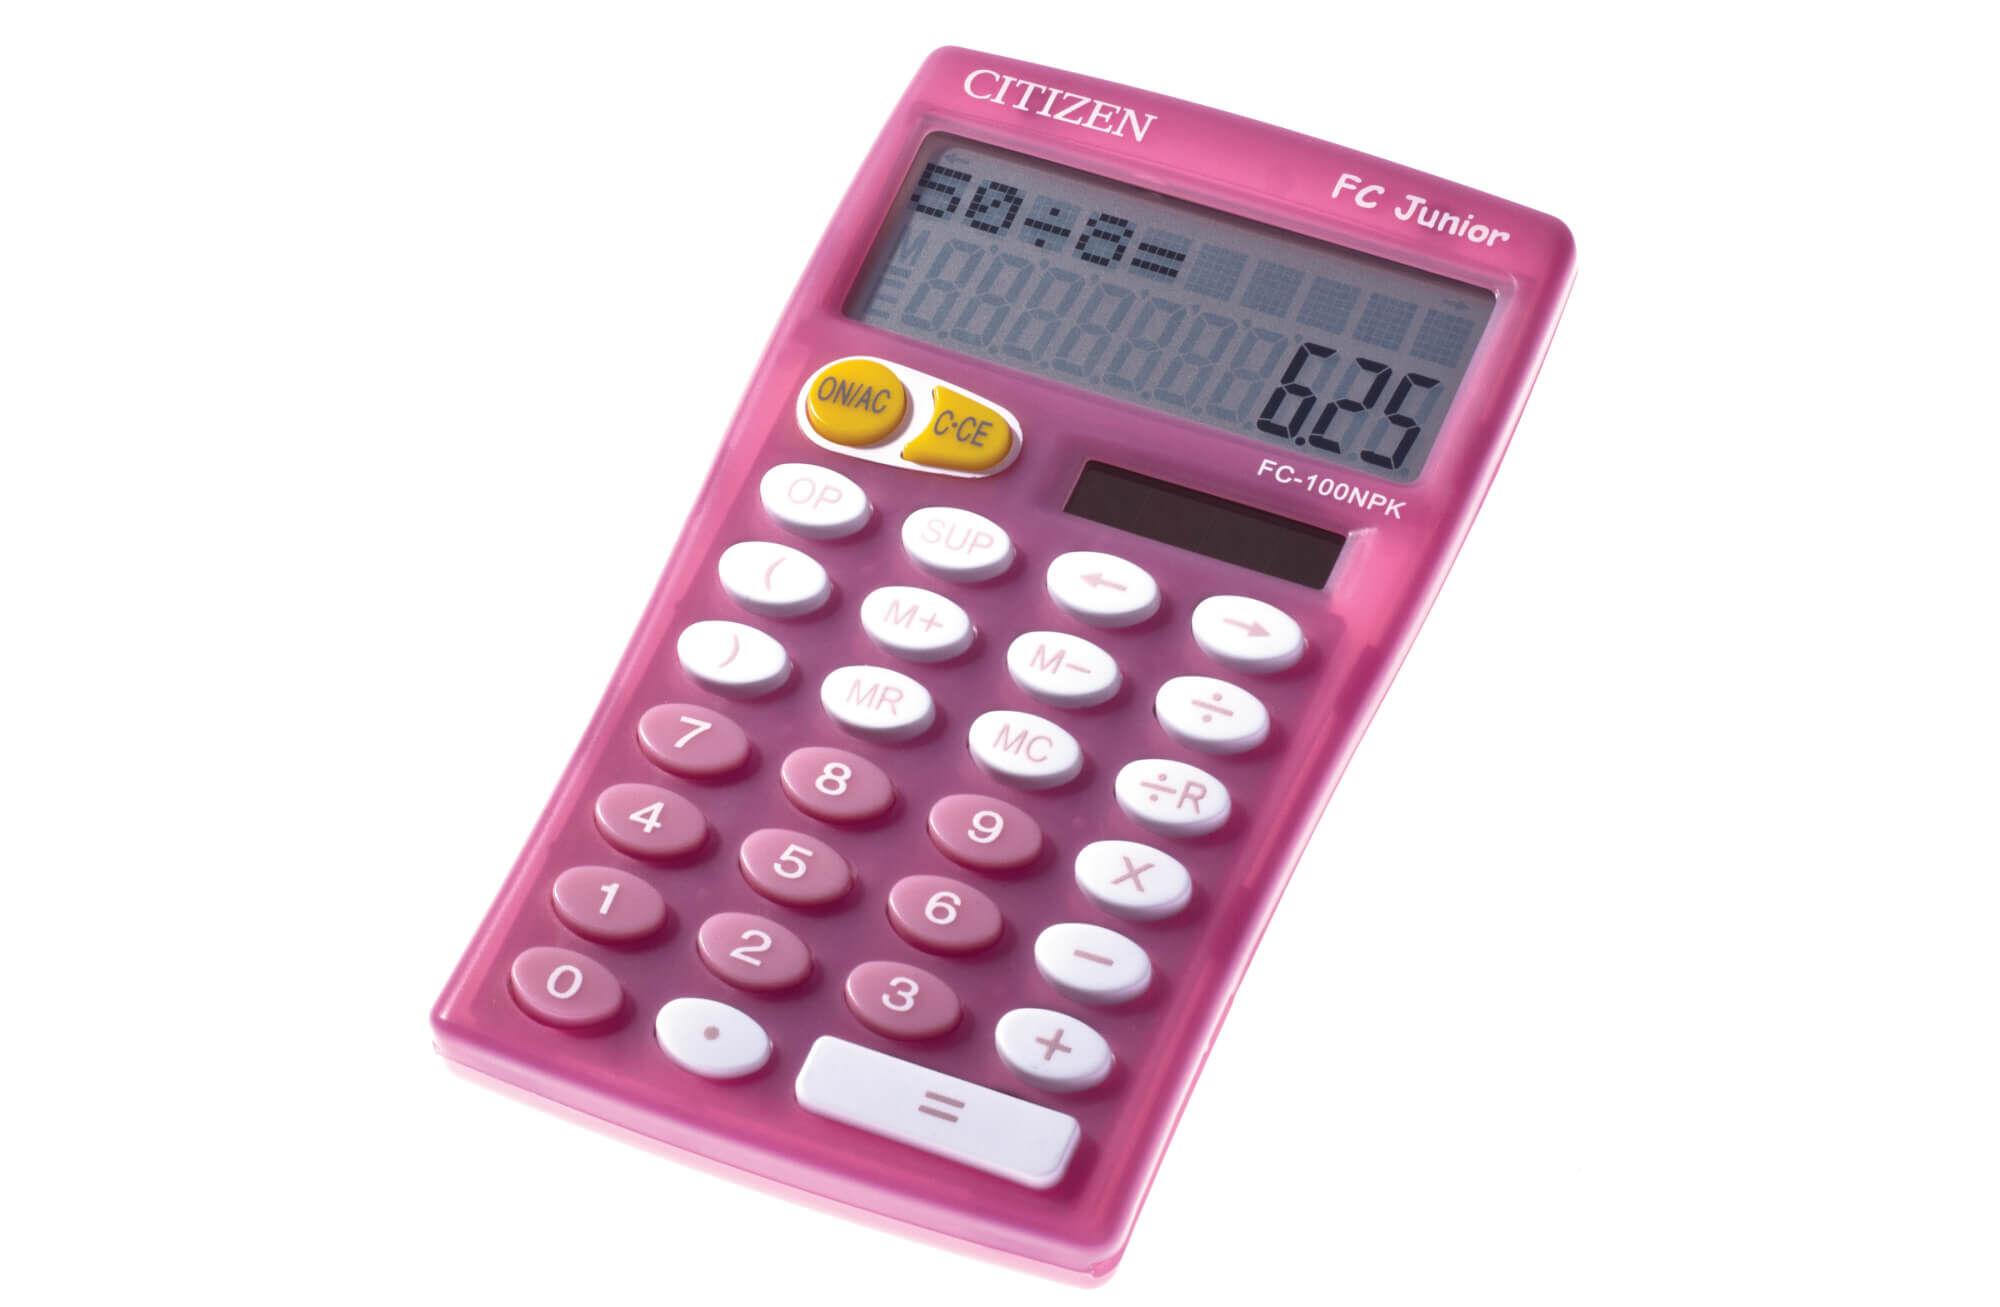 Calculatrice de bureau Citizen FC-100N - 10 chiffres - alimentation batterie et solaire - rose